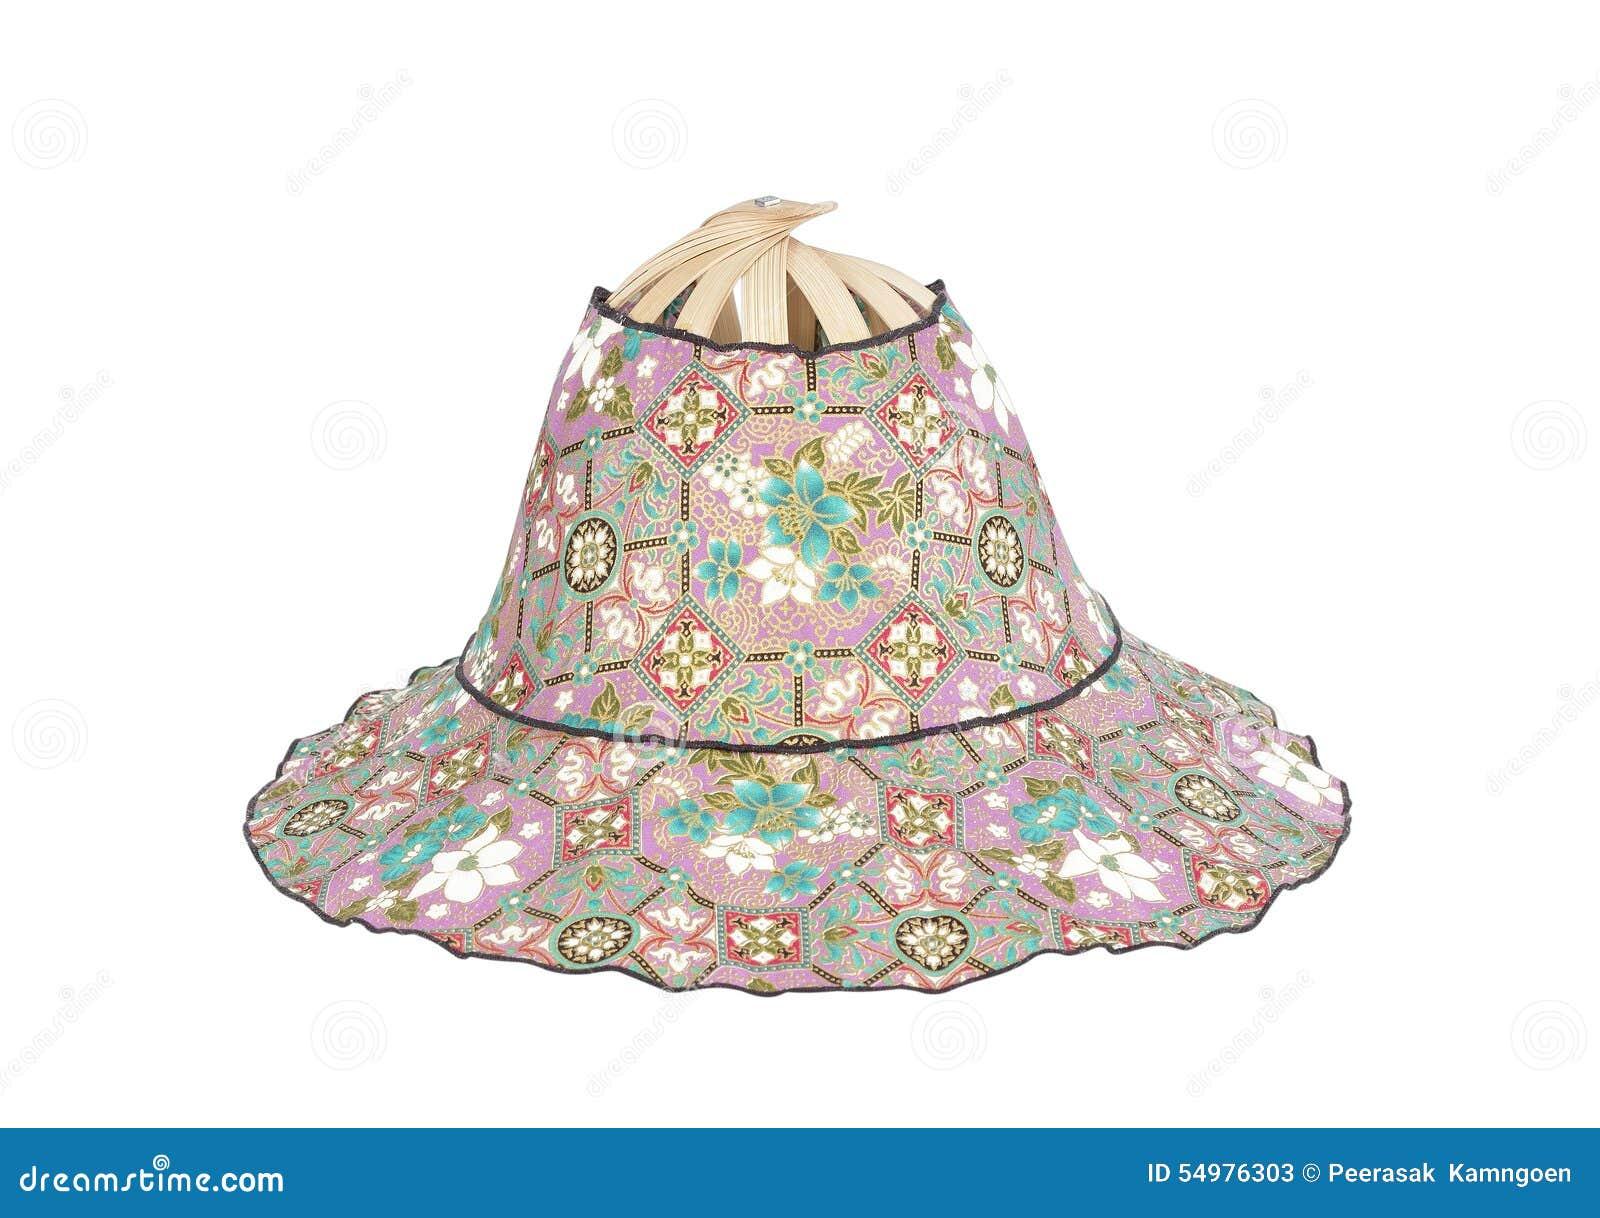 Hatt som göras av isolerade bambu och mönstrade tyger på vit